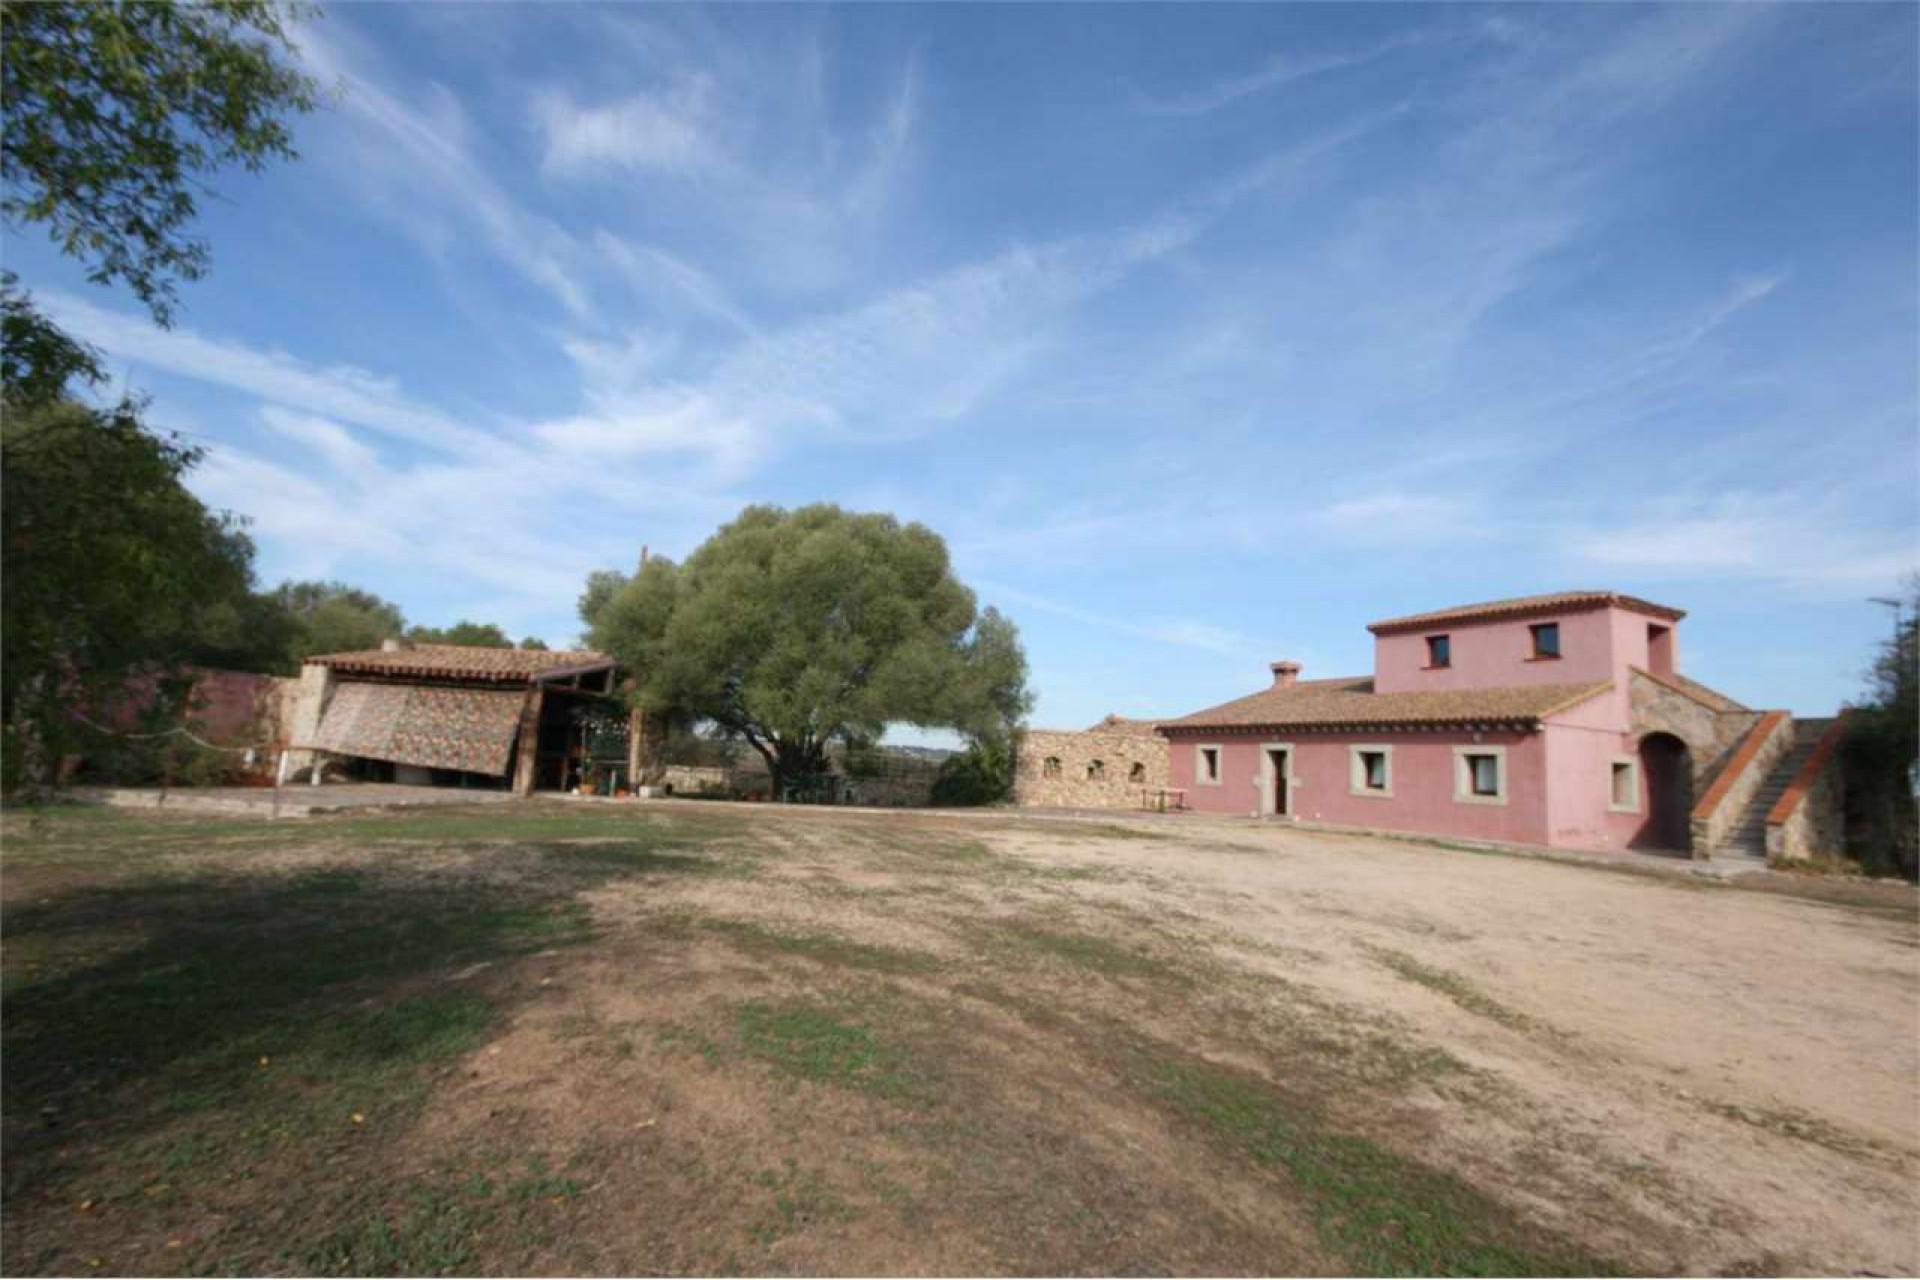 Arzachena farm house for sale